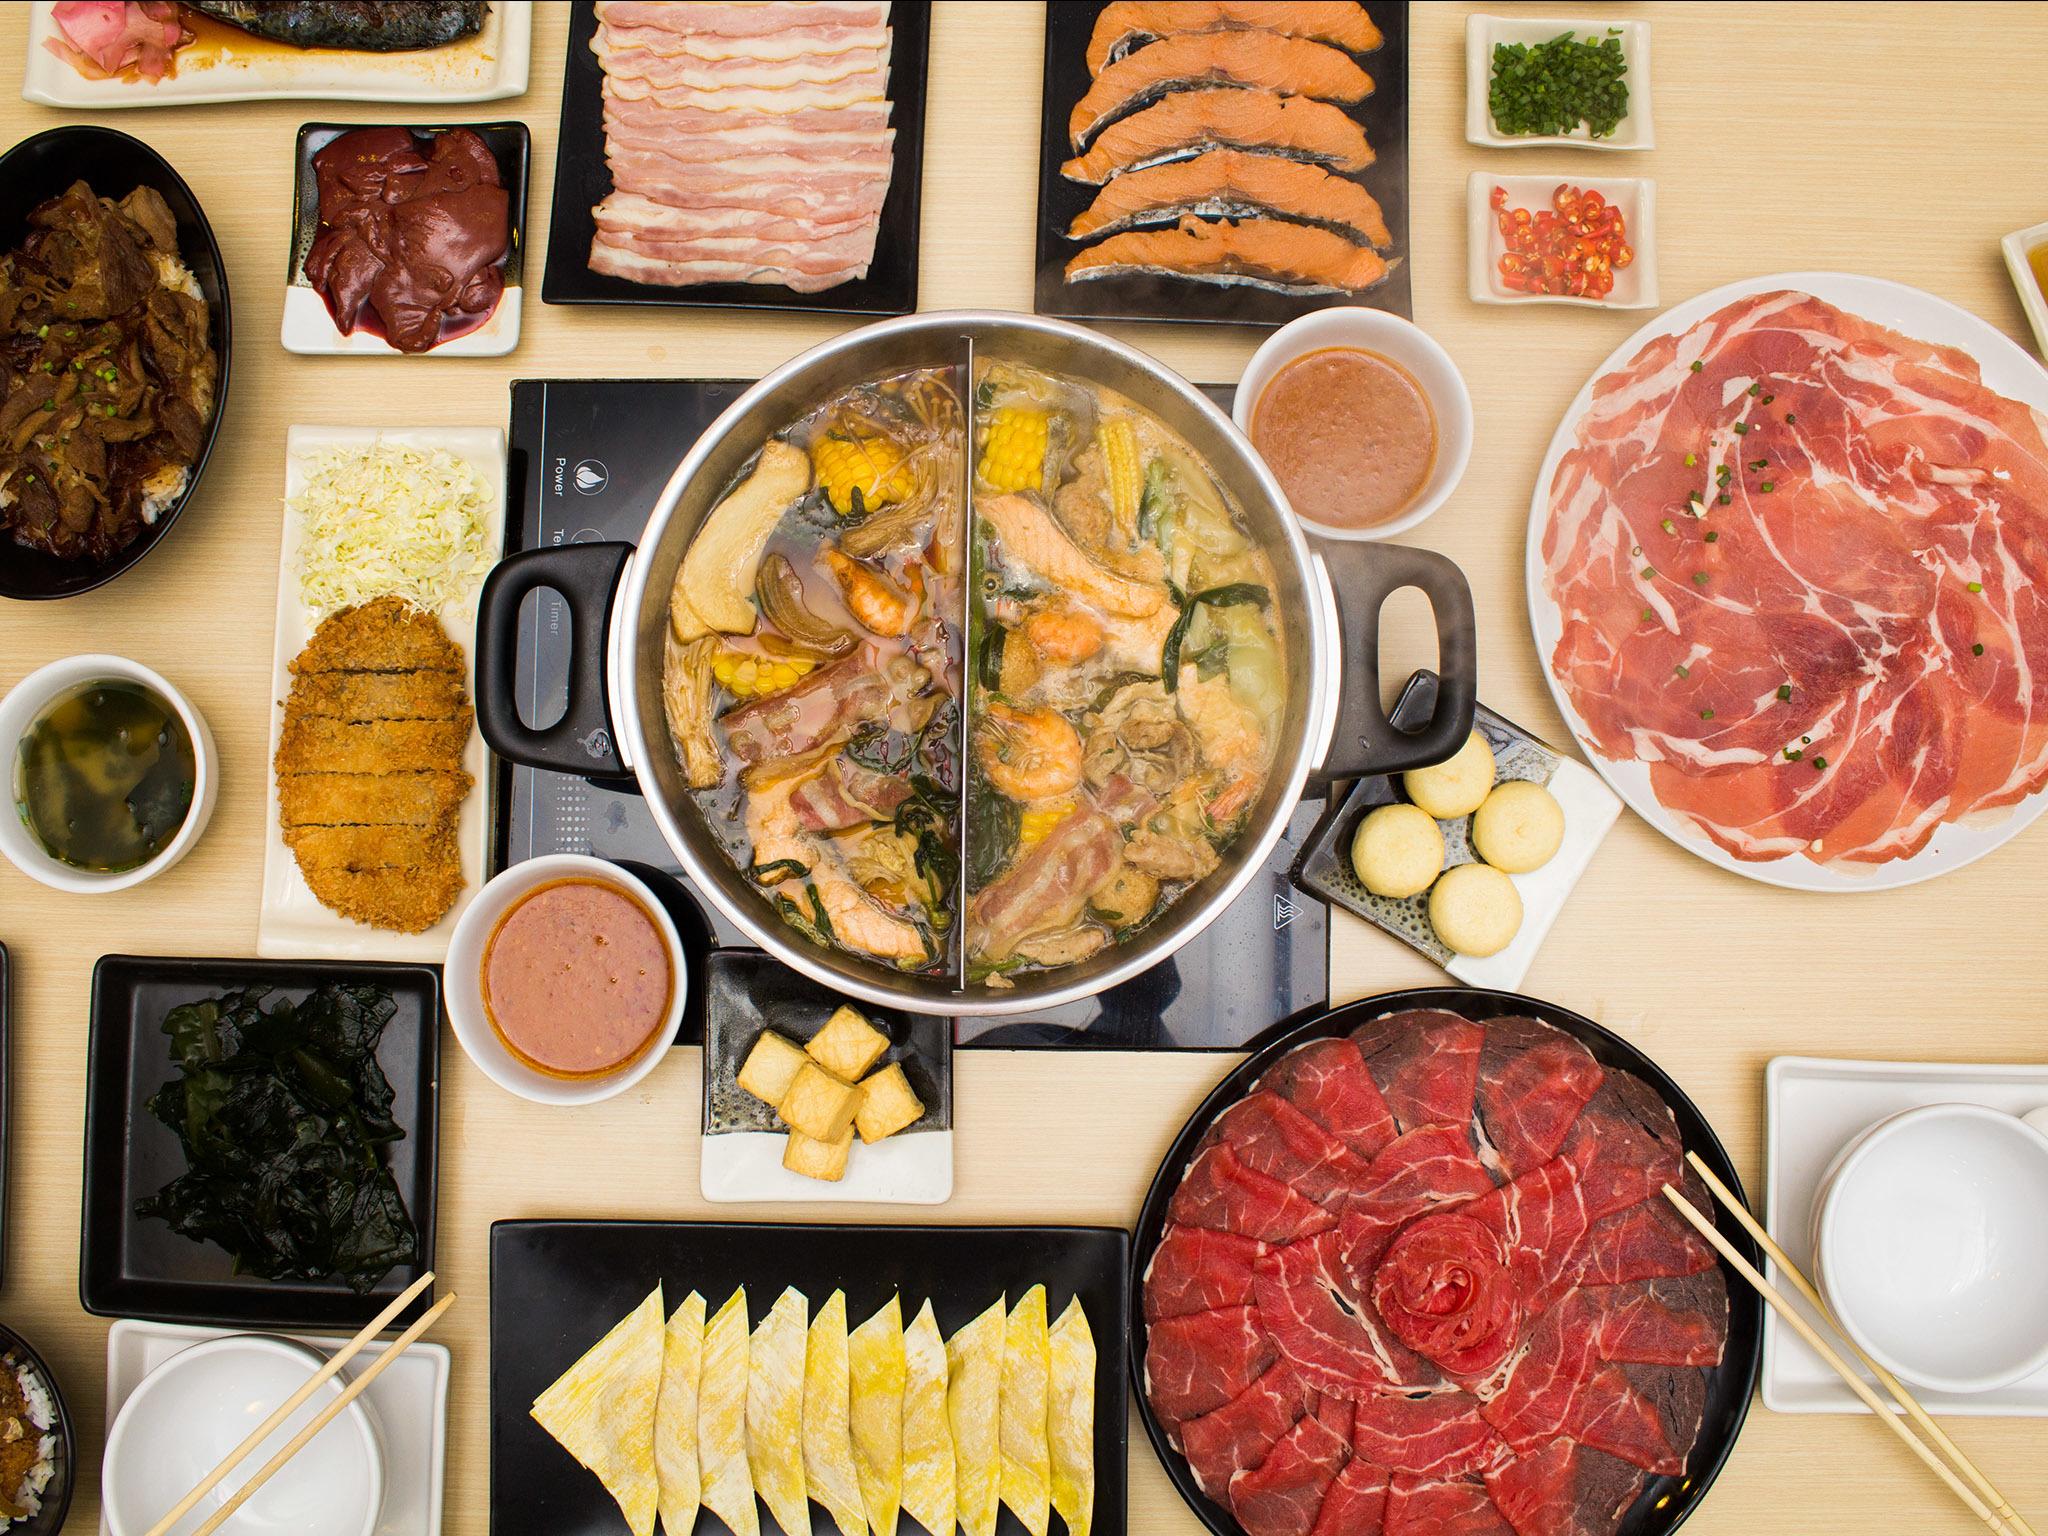 Shabu shabu styled buffet at Yukari Shabu Shabu